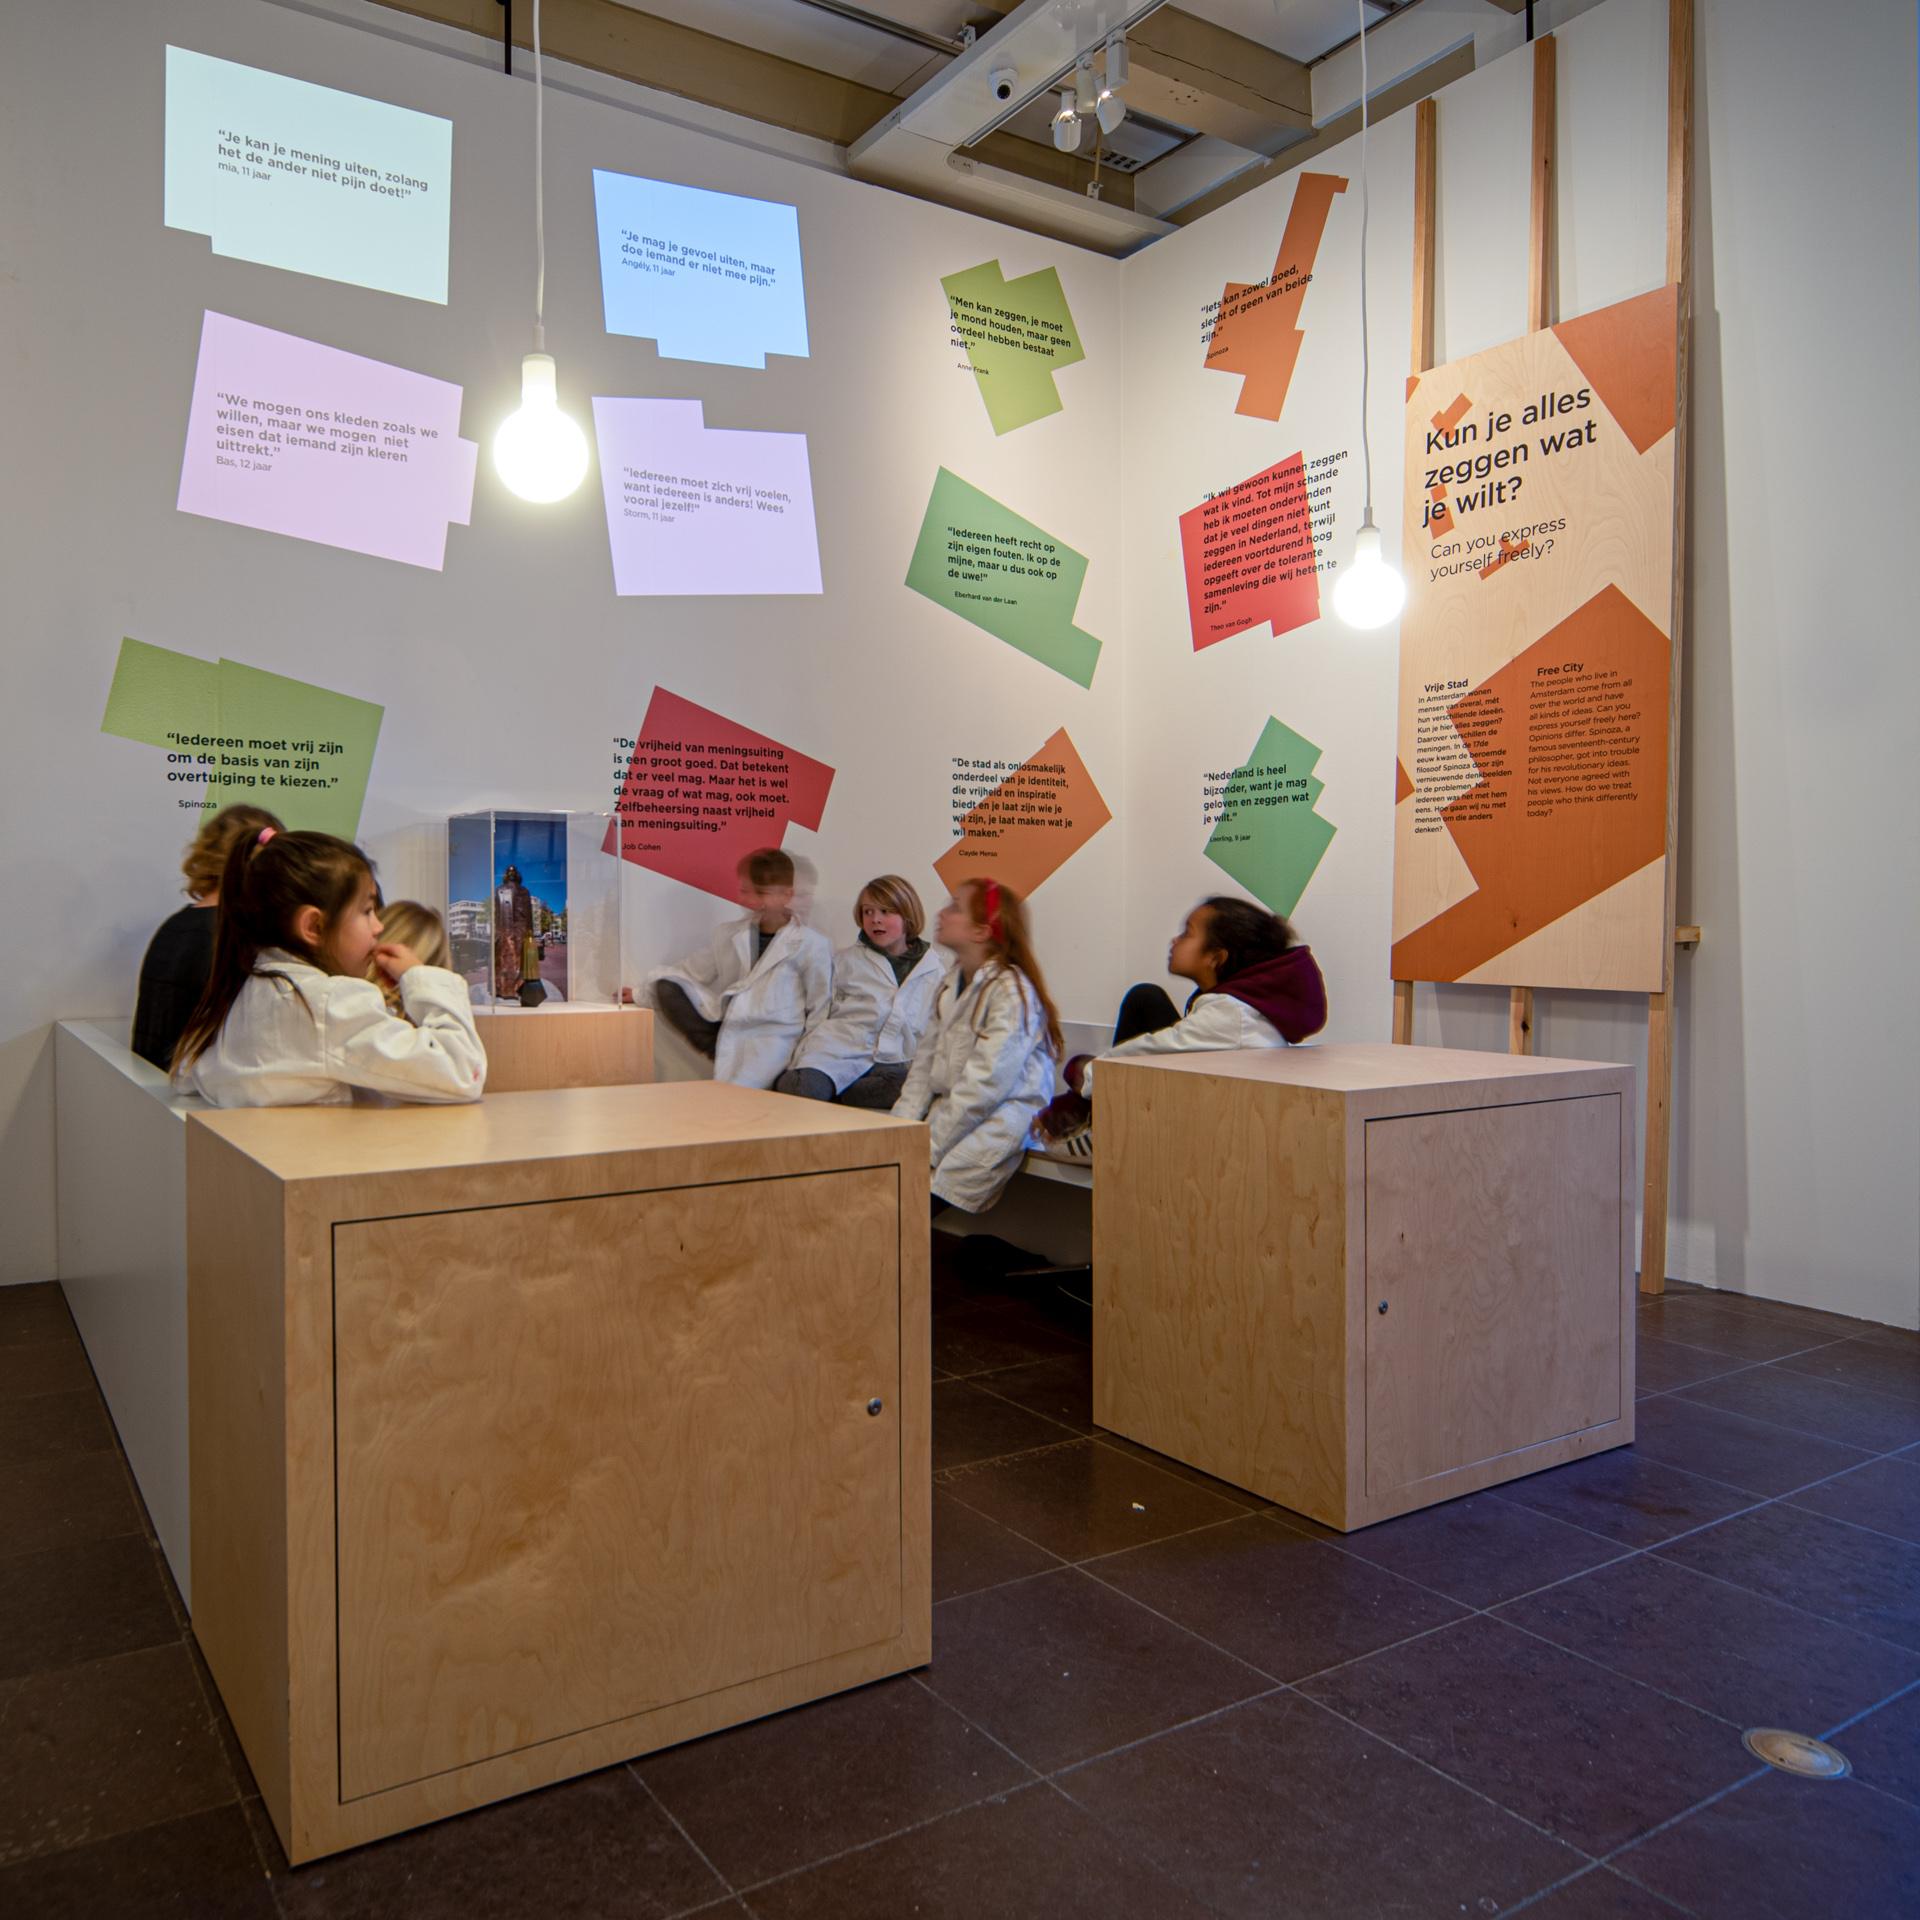 tentoonstellingsontwerp stadslab2 amsterdam museum 7 jpg